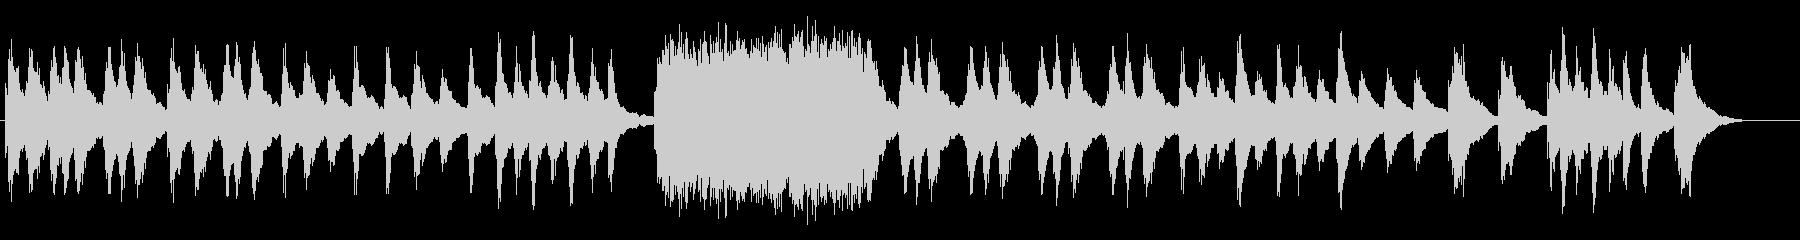 物語を語るようなハープの旋律の未再生の波形